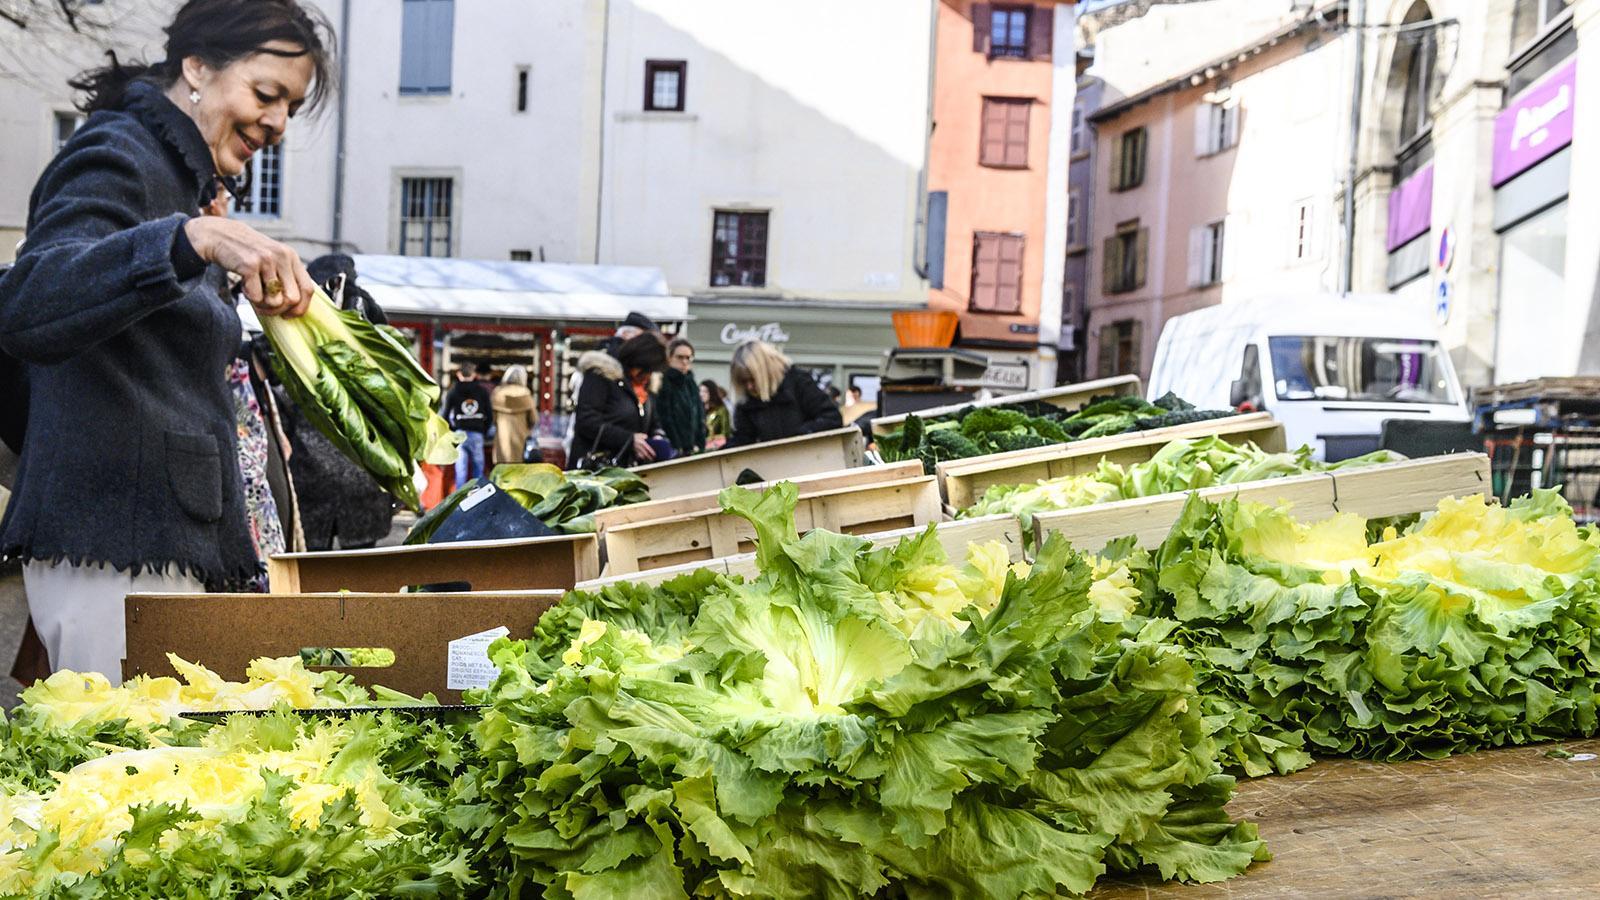 Marktzeit auf der Place Plot in Le-Puy-en-Velay. Foto: Hilke Maunder